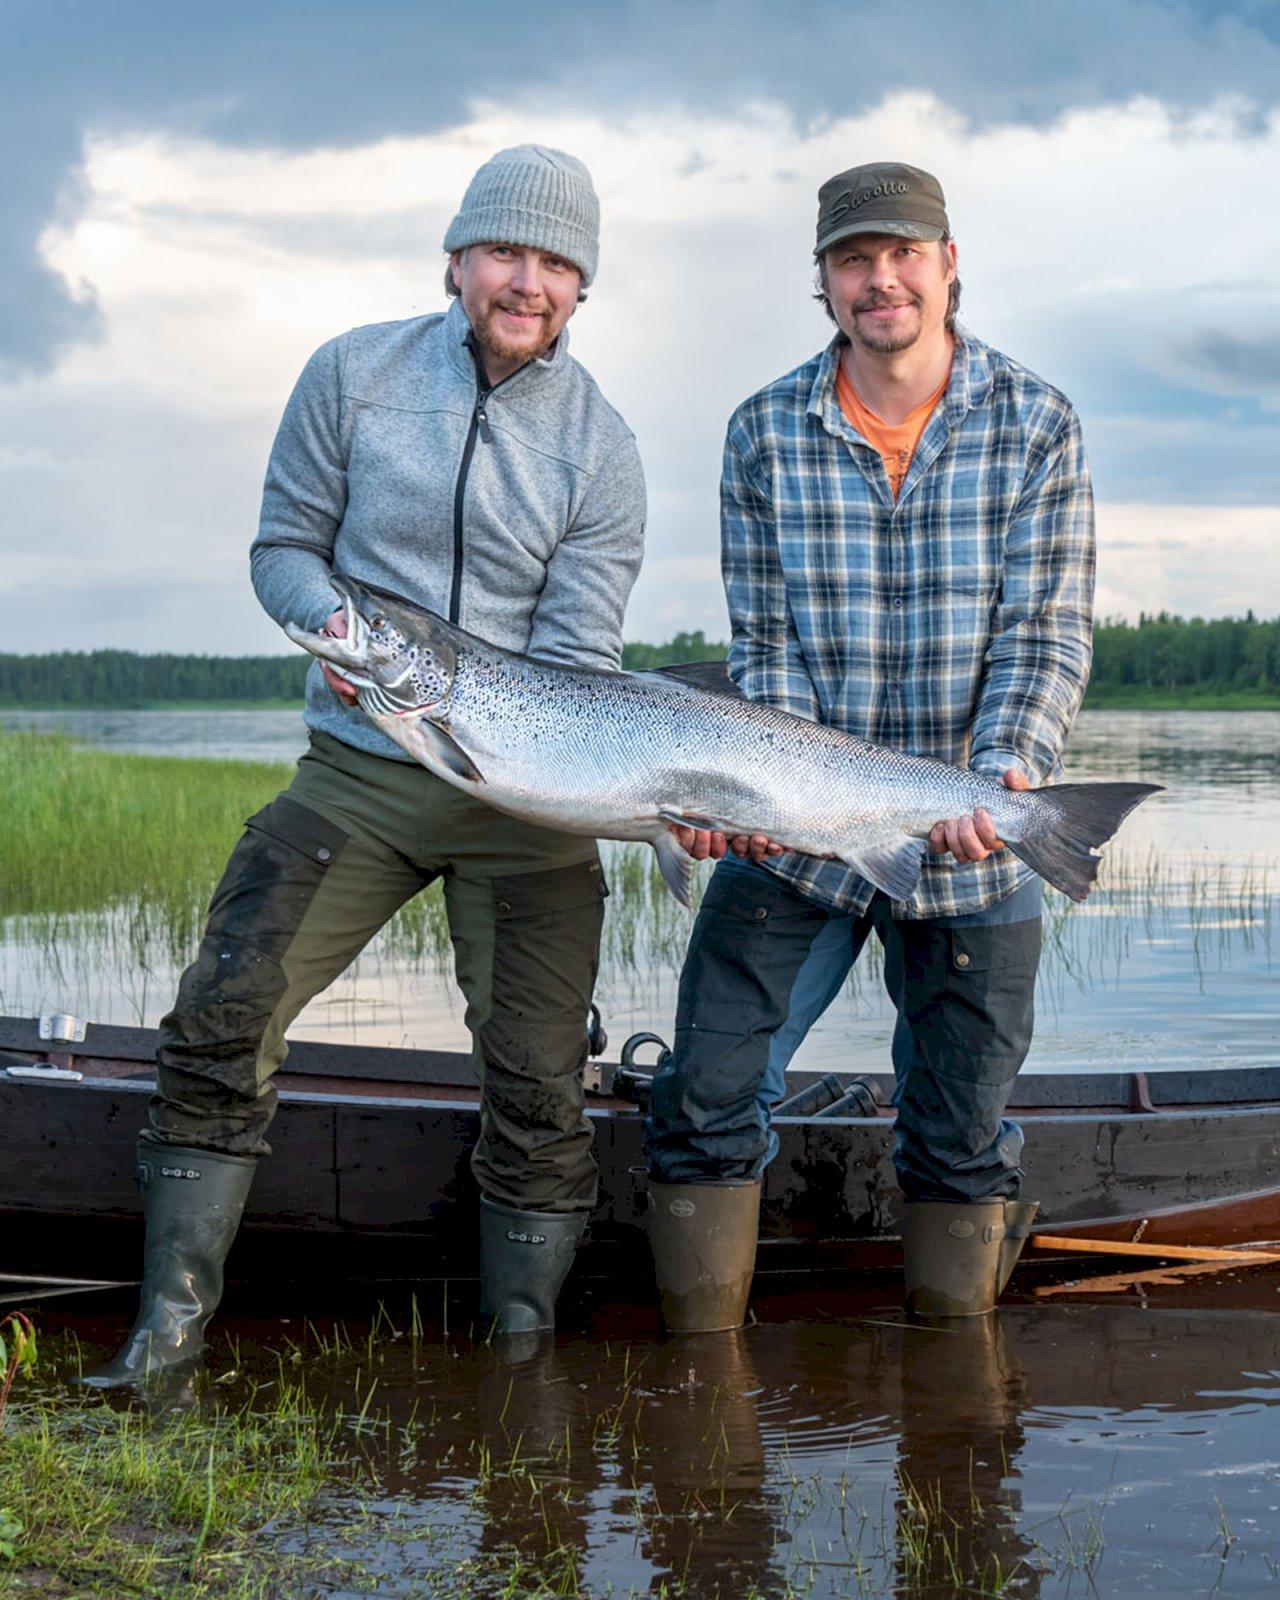 Kaksi miestä seisovat Tornionjoella ja näyttävät kameralle kalastamaansa suurta lohta.